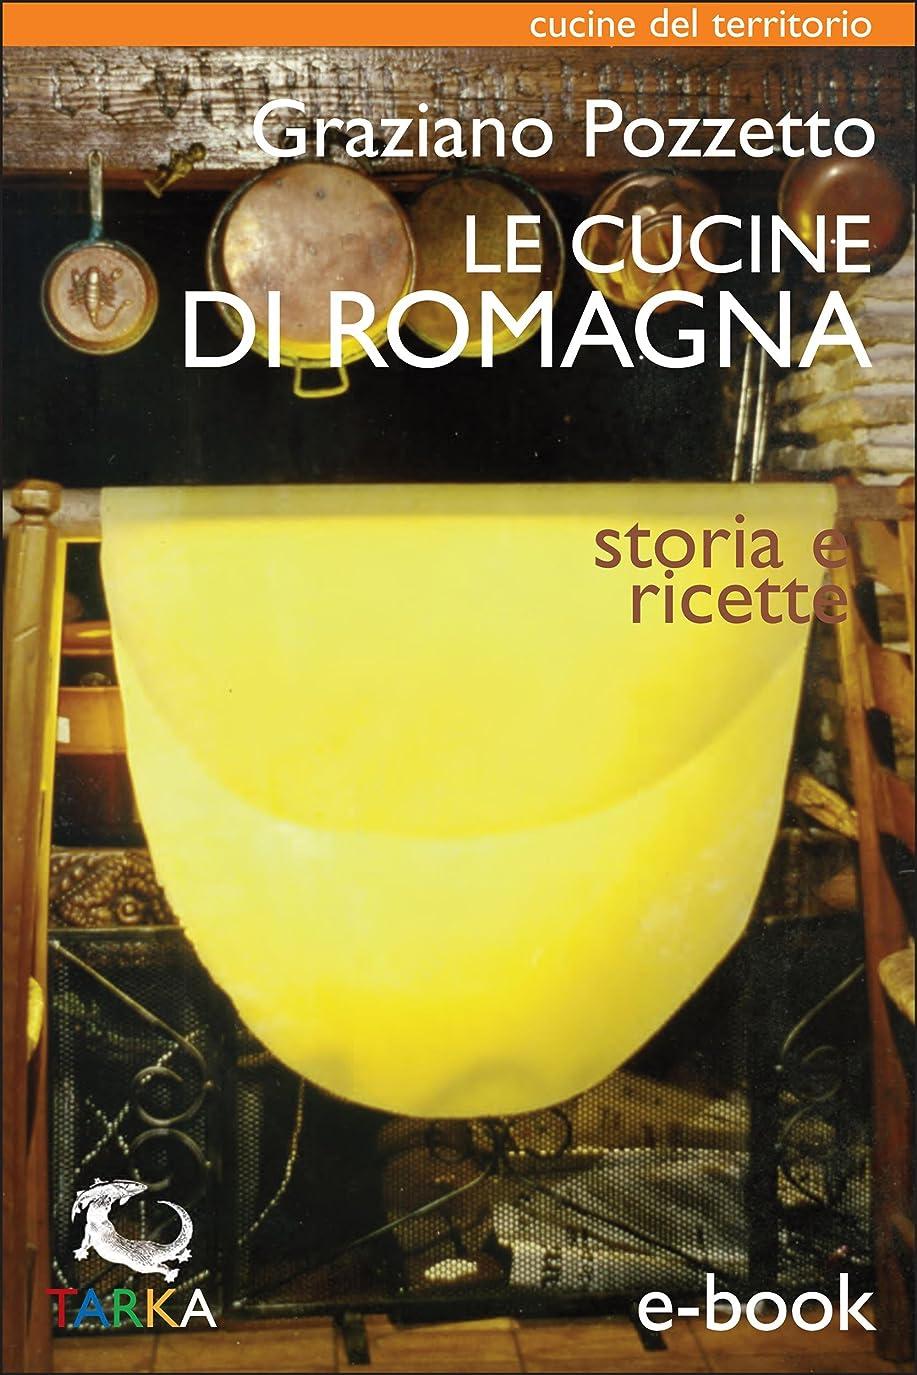 誤マングル約Le cucine di Romagna: Storia e ricette (Cucine del territorio) (Italian Edition)